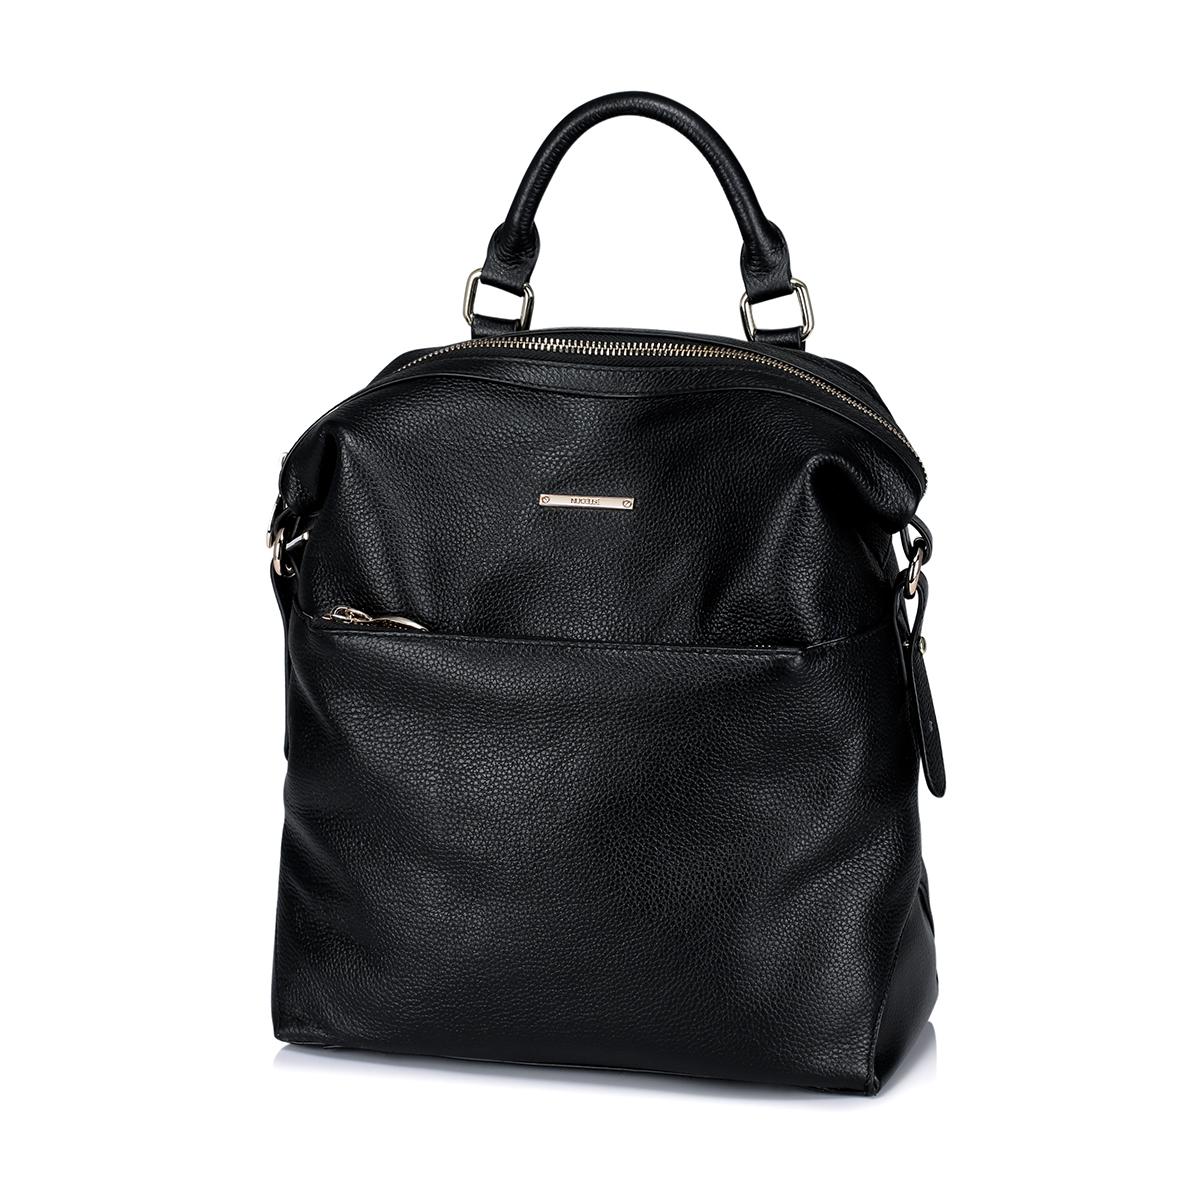 Dámský černý kožený batoh Nucelle City